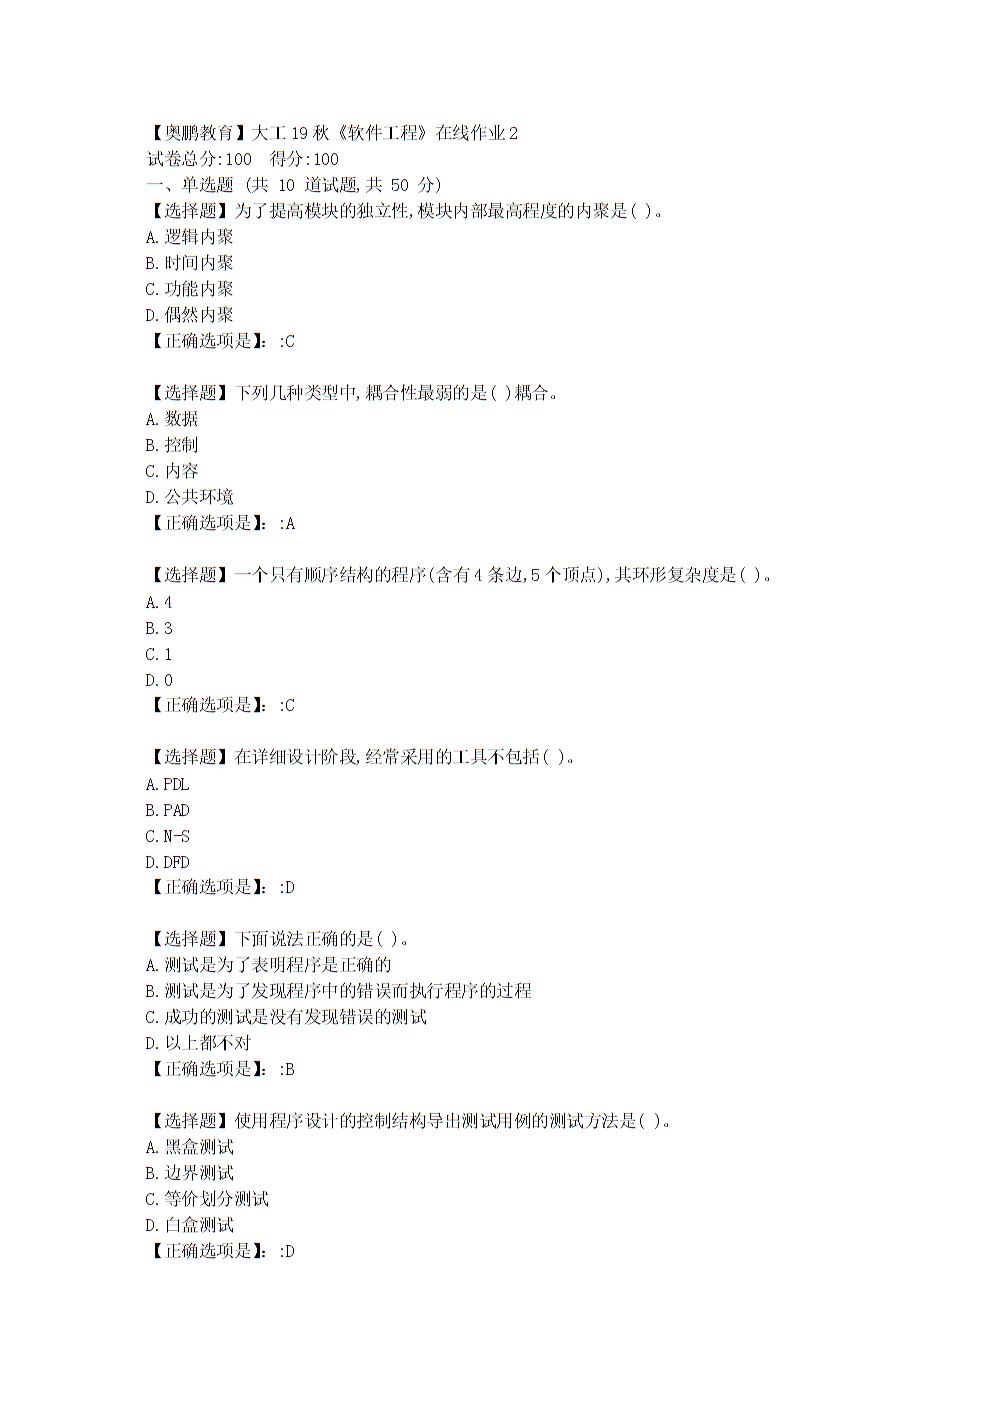 大连理工大学19秋《软件工程》在线作业2学习资料.doc